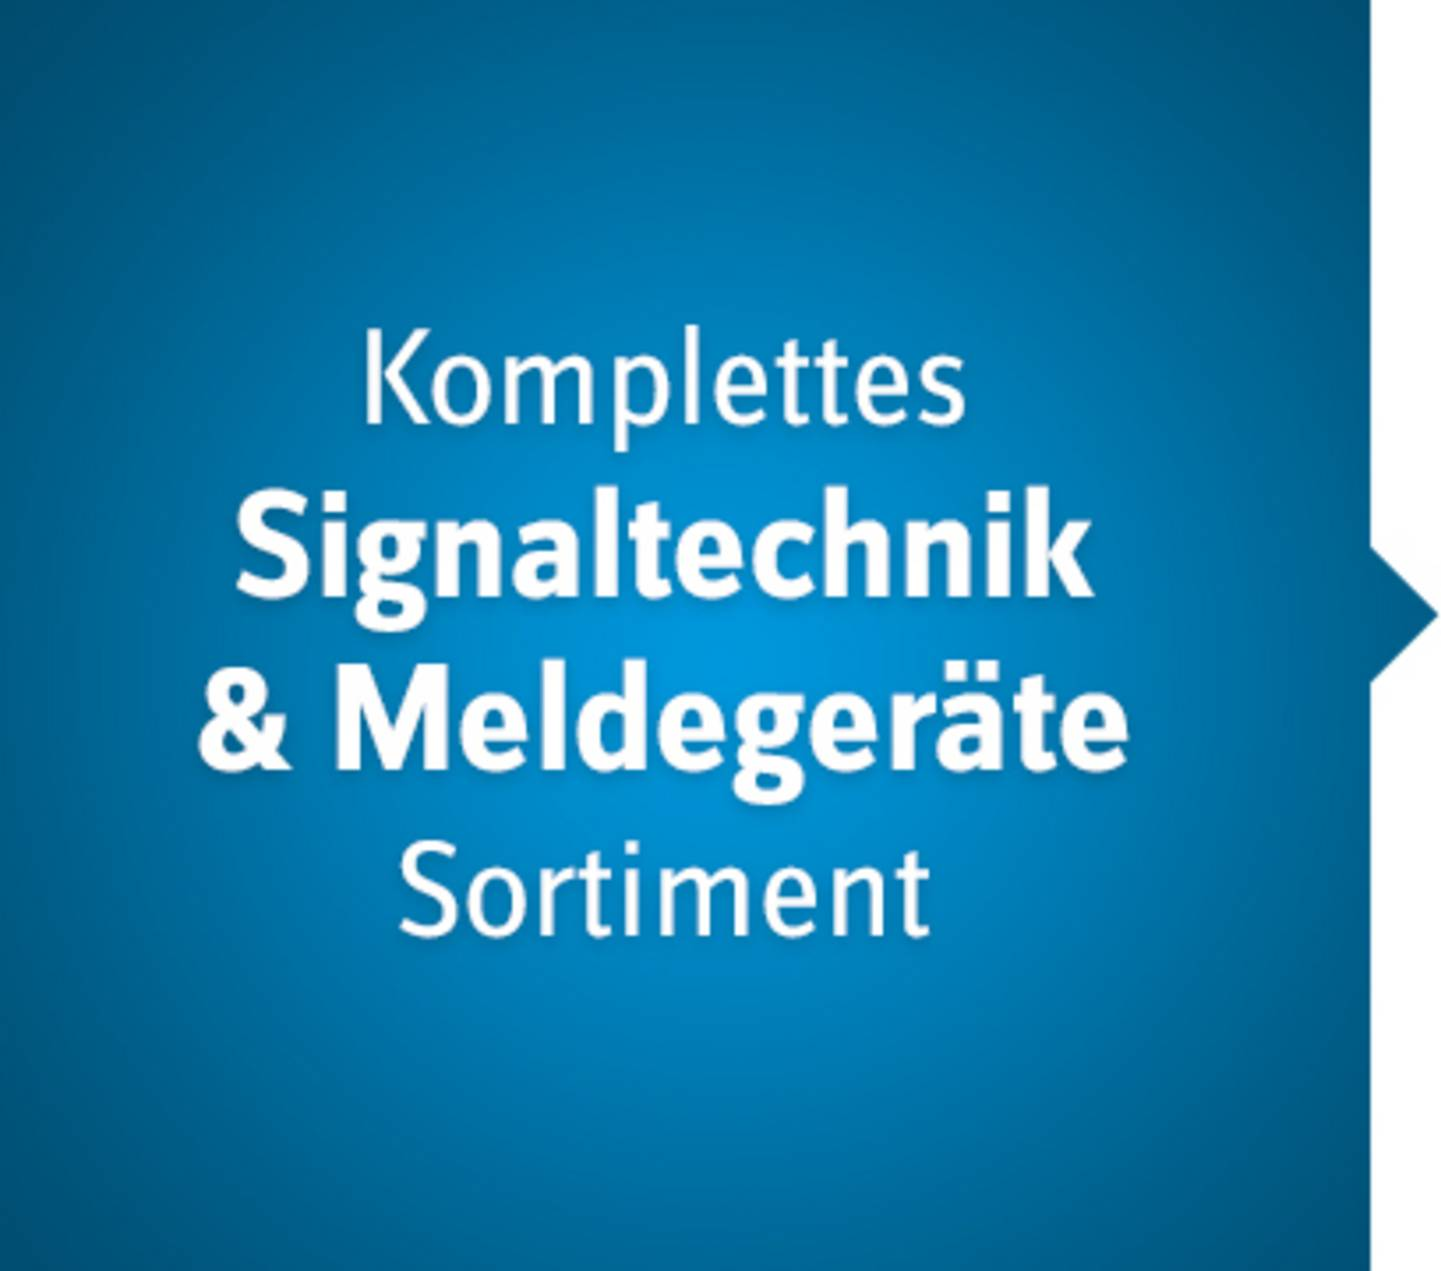 Signaltechnik Sortiment